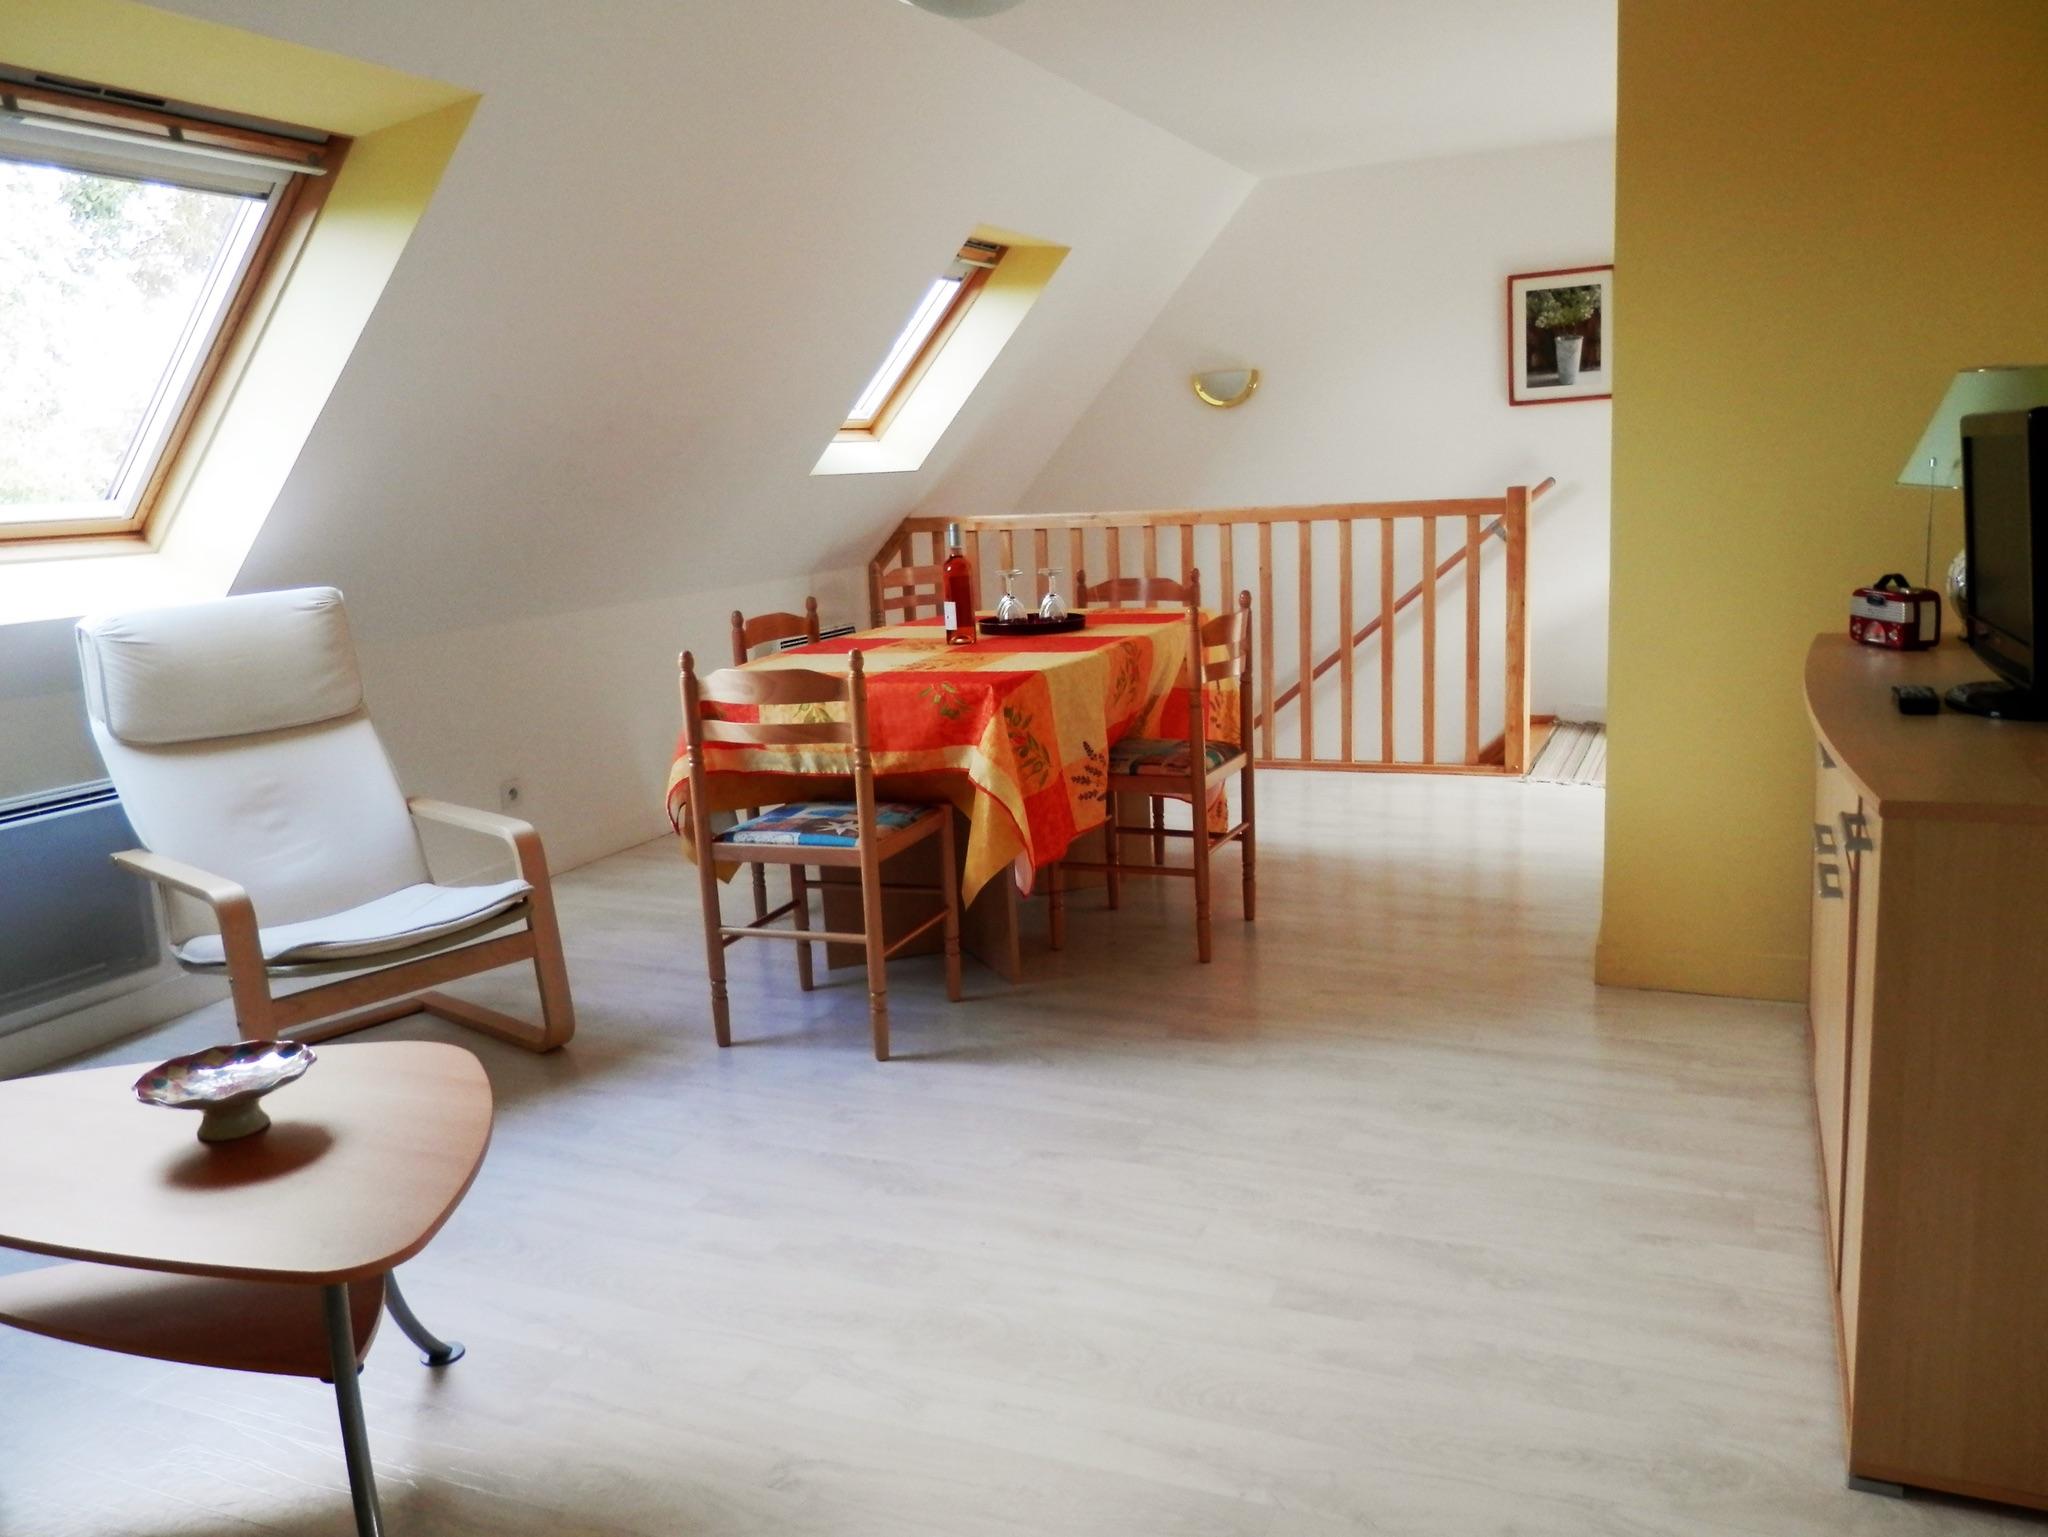 Holiday apartment Modernes wohnung in Arzon mit zwei Schlafzimmern, Terrasse und Blick auf die Stadt - für v (2201249), Arzon, Atlantic coast Morbihan, Brittany, France, picture 5